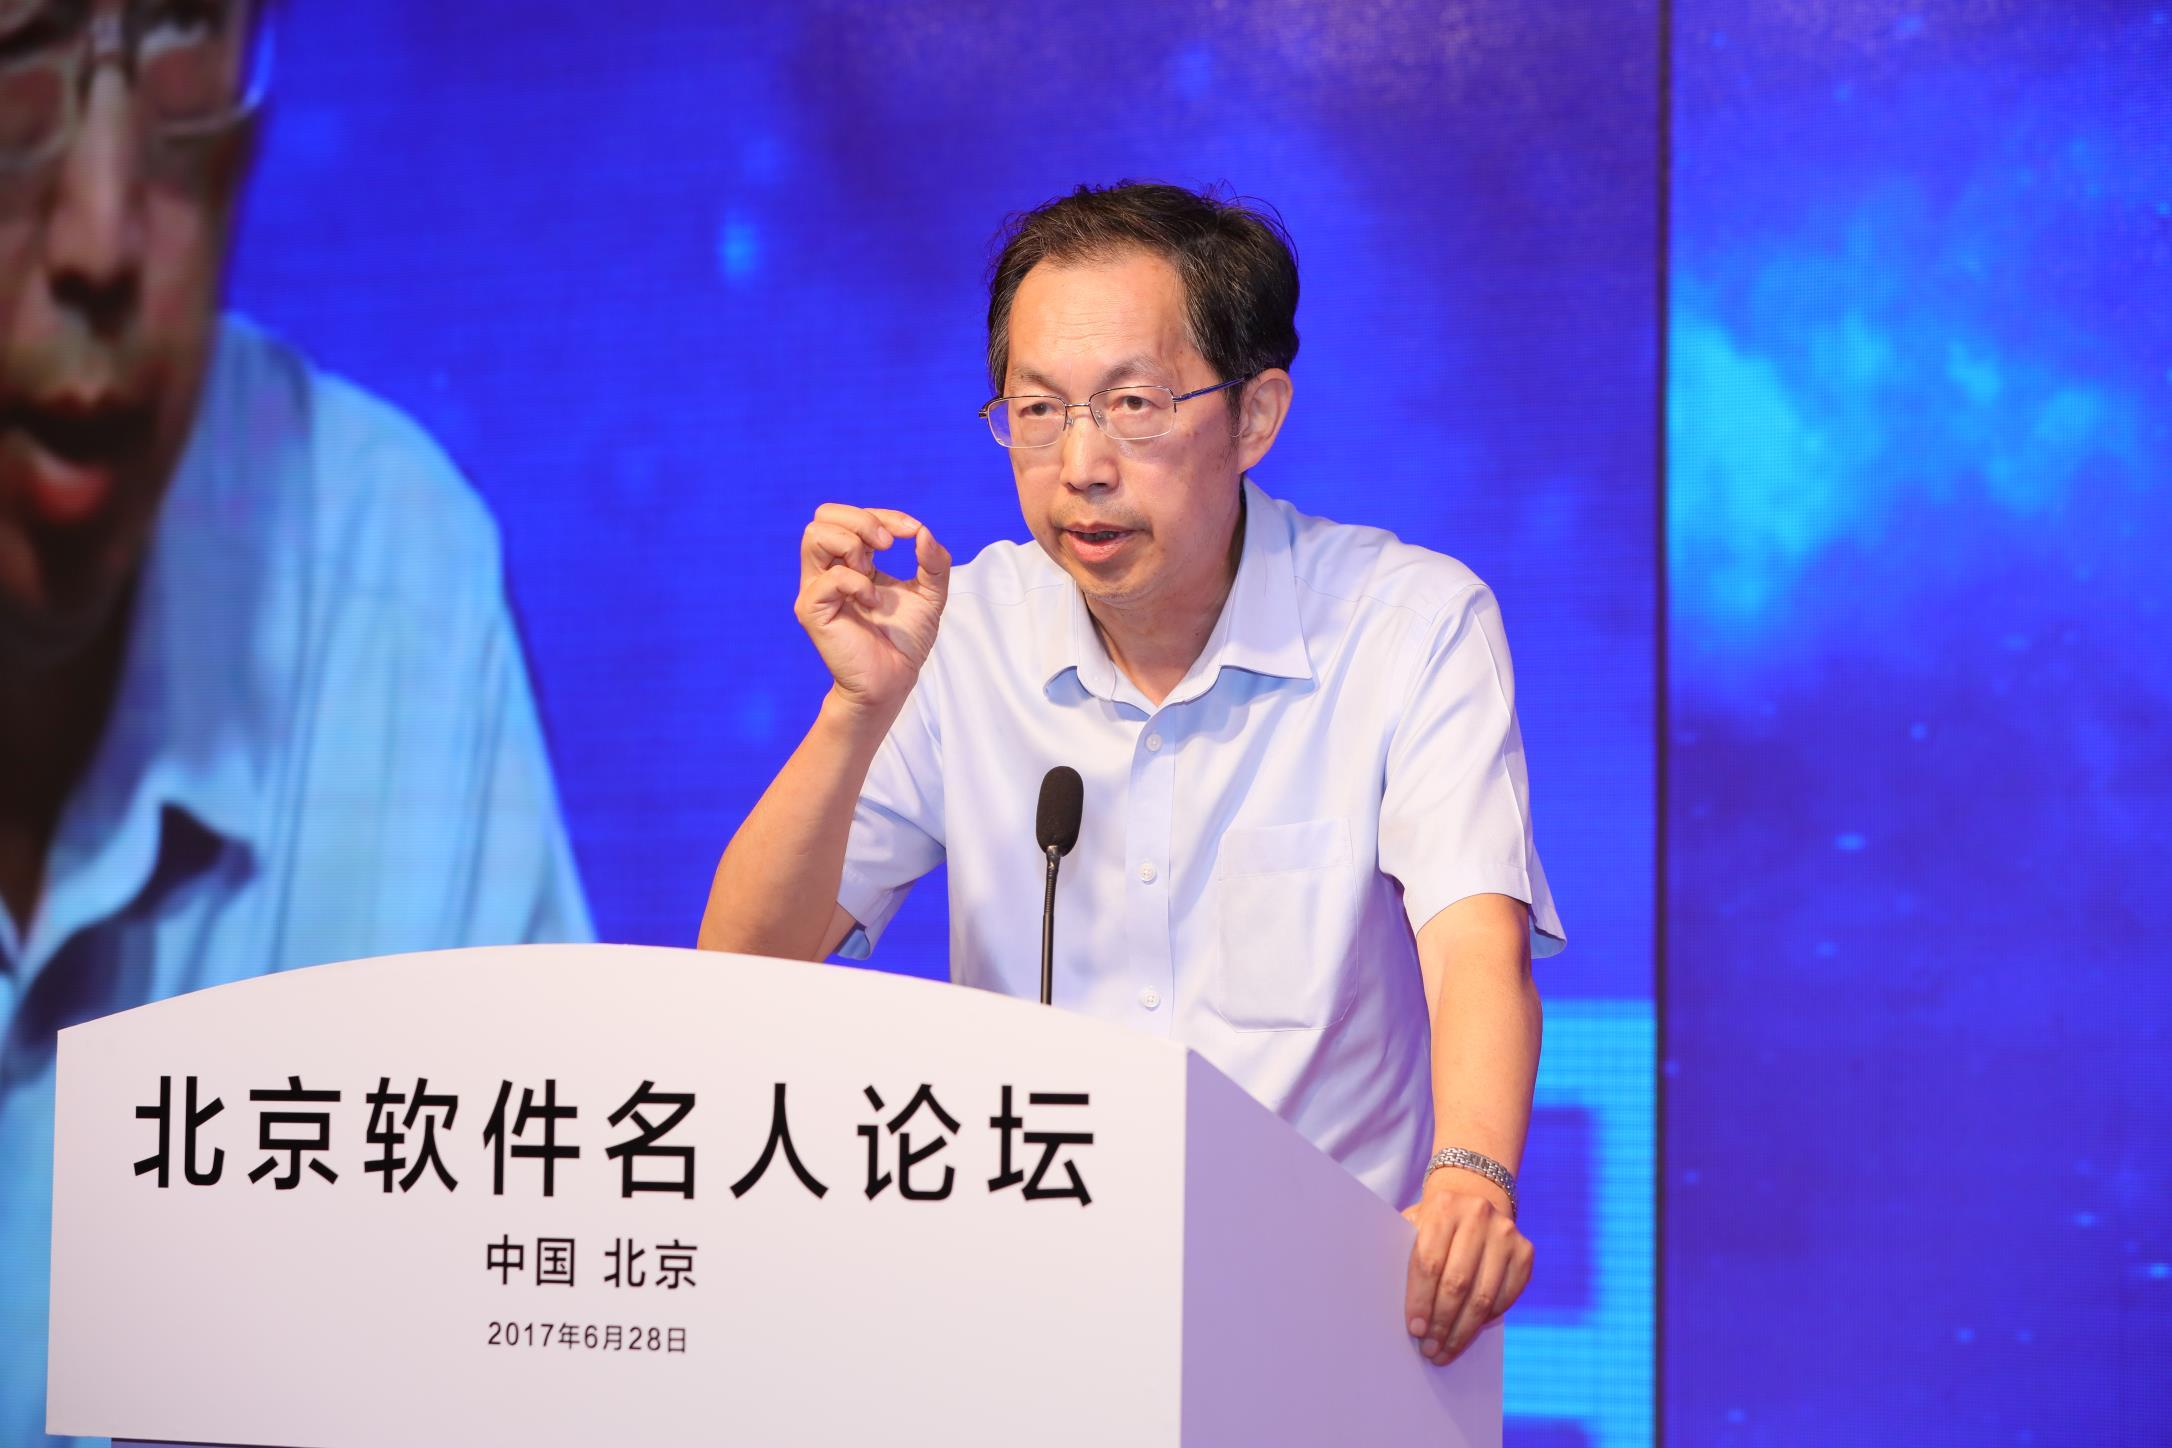 姜奇平访谈(中篇):解码数字中国密匙 与世界共赢新未来